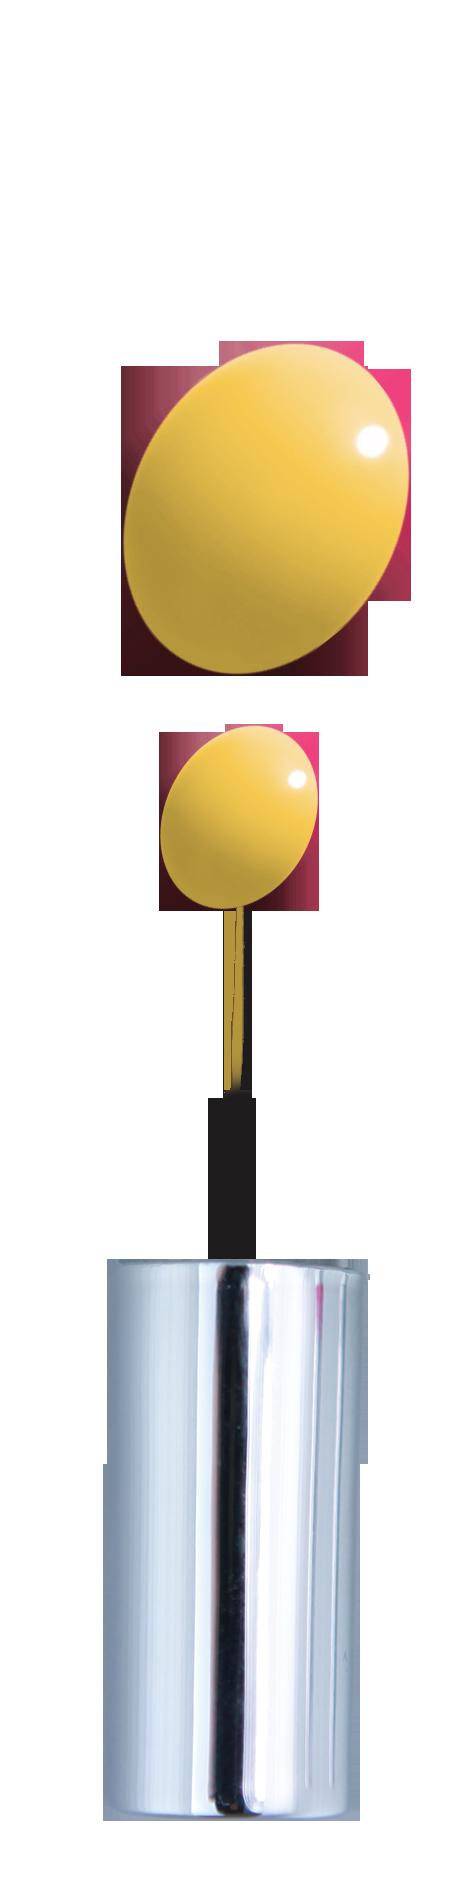 Nailart Crystalac - Díszítő tűecsetes Crystalac - 3